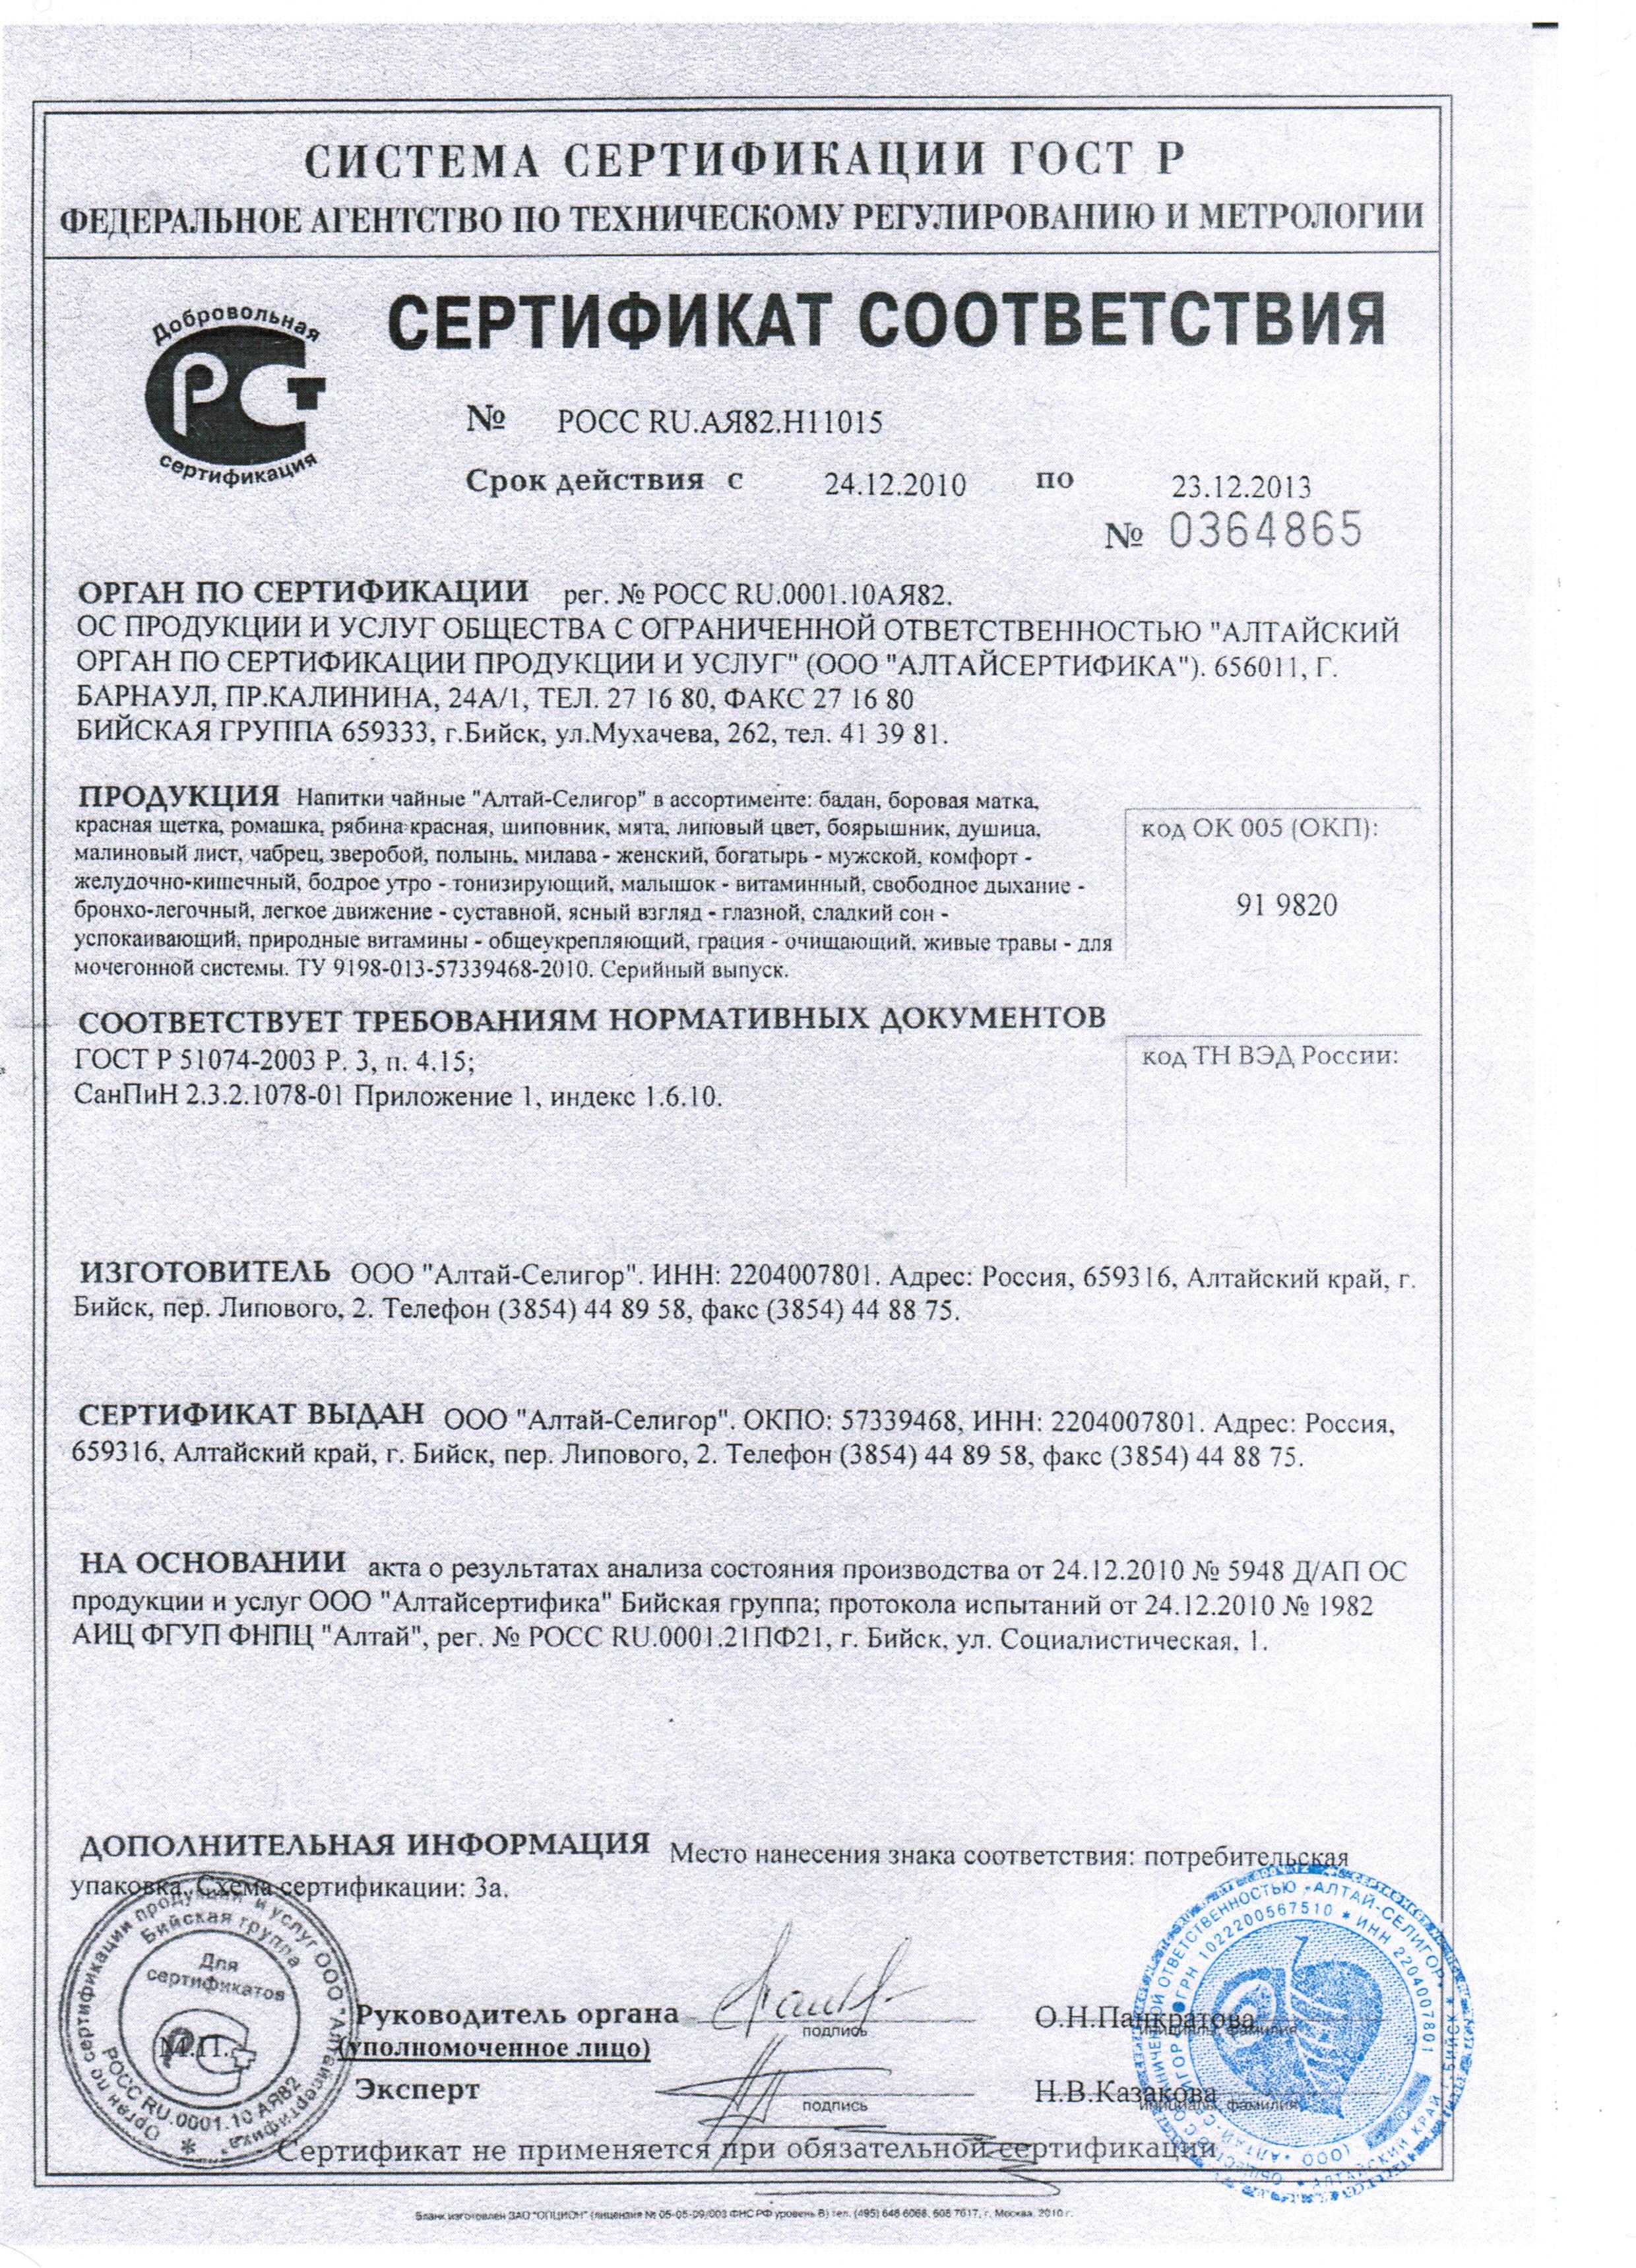 Алтай-Селигор - сертификат соответствия продукции